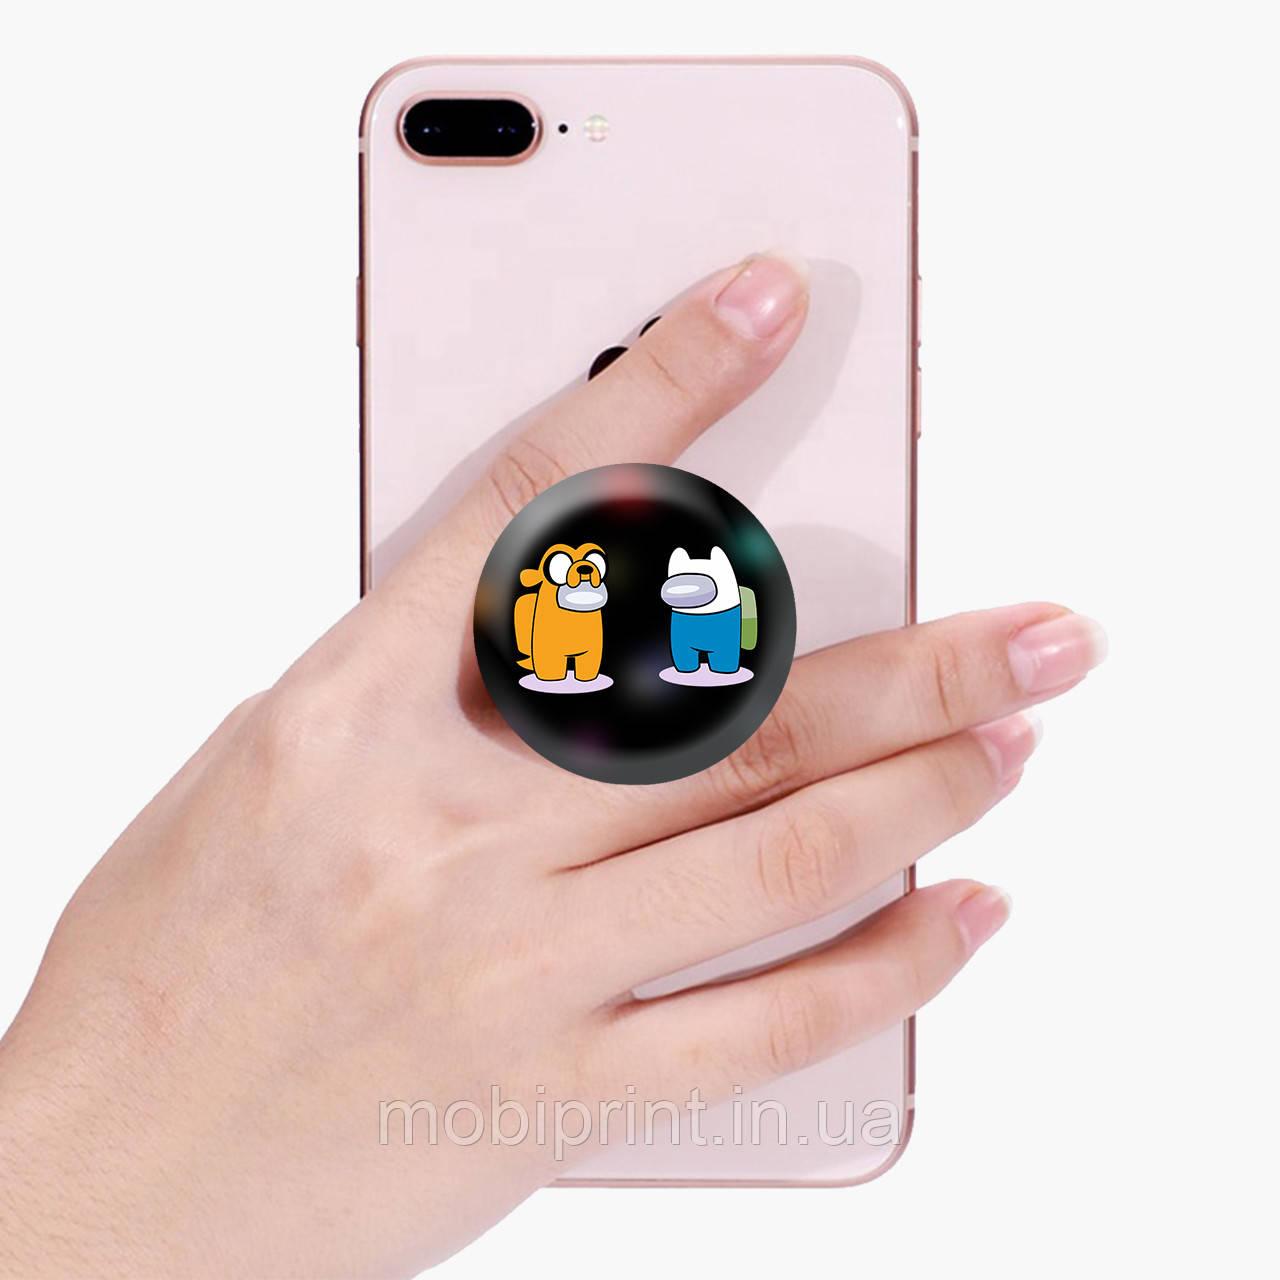 Попсокет (Popsockets) держатель для смартфона Амонг Ас Время приключений Фин и Джейк (Among Us Adventure Time